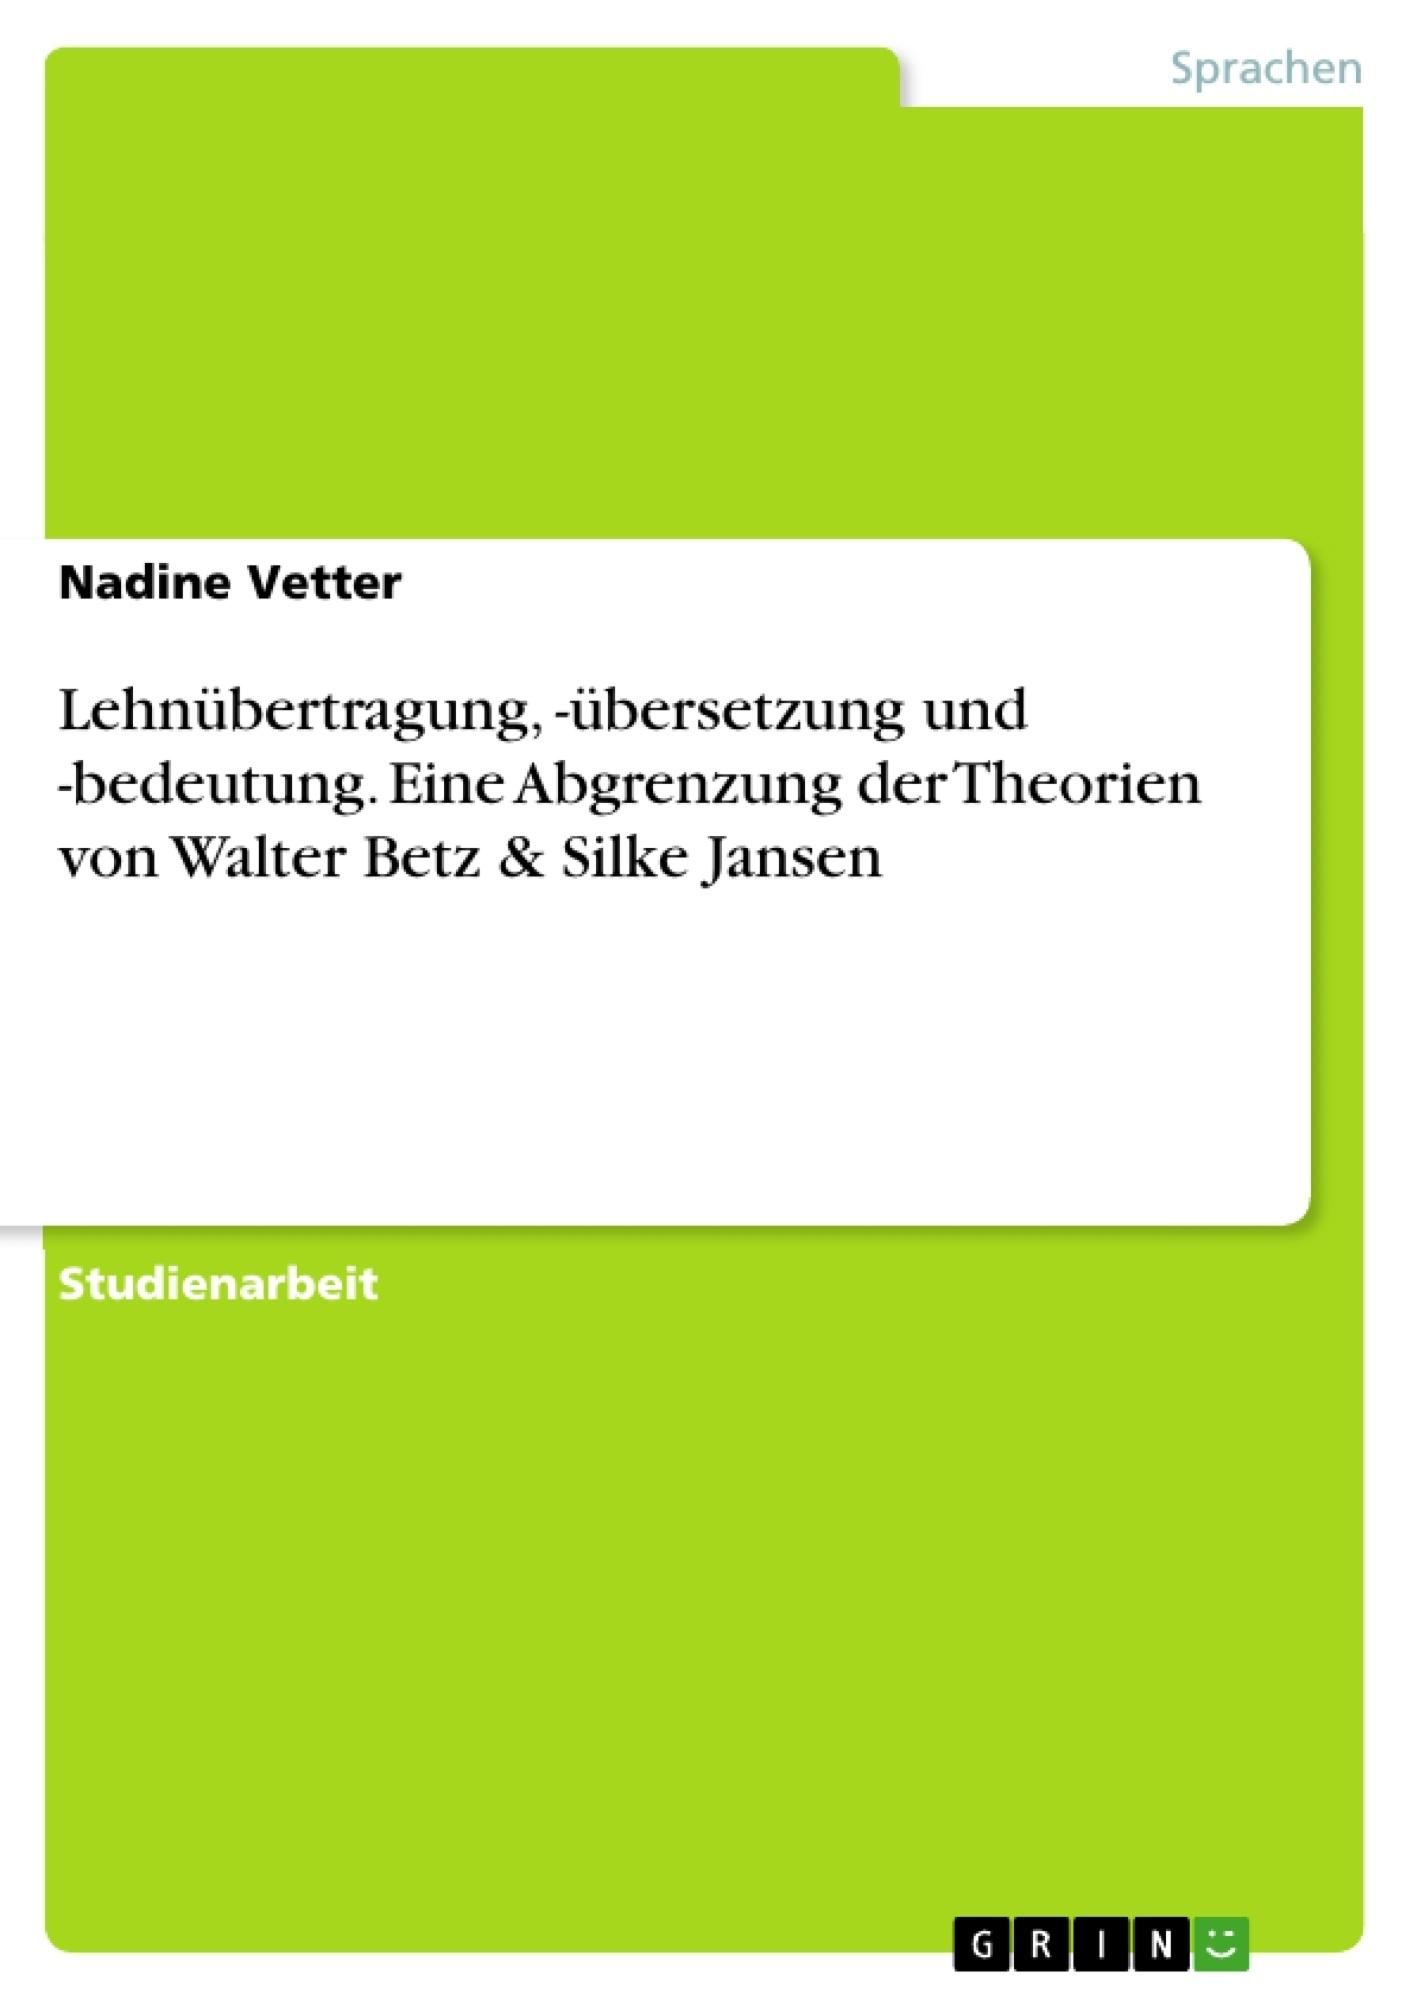 Titel: Lehnübertragung, -übersetzung und -bedeutung. Eine Abgrenzung der Theorien von Walter Betz & Silke Jansen